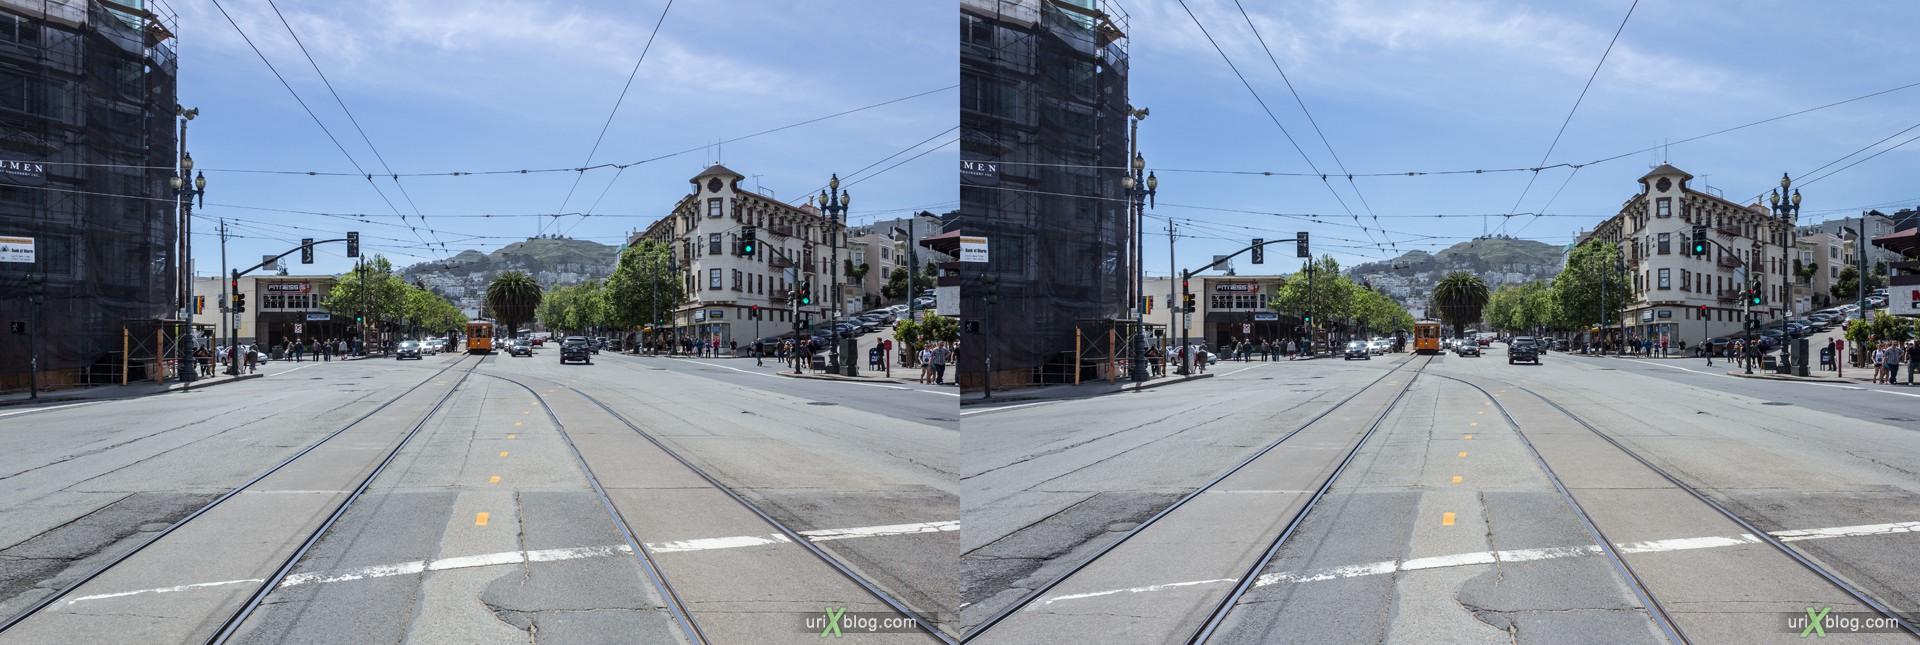 2013, Castro, Сан-Франциско, США, 3D, перекрёстные стереопары, стерео, стереопара, стереопары